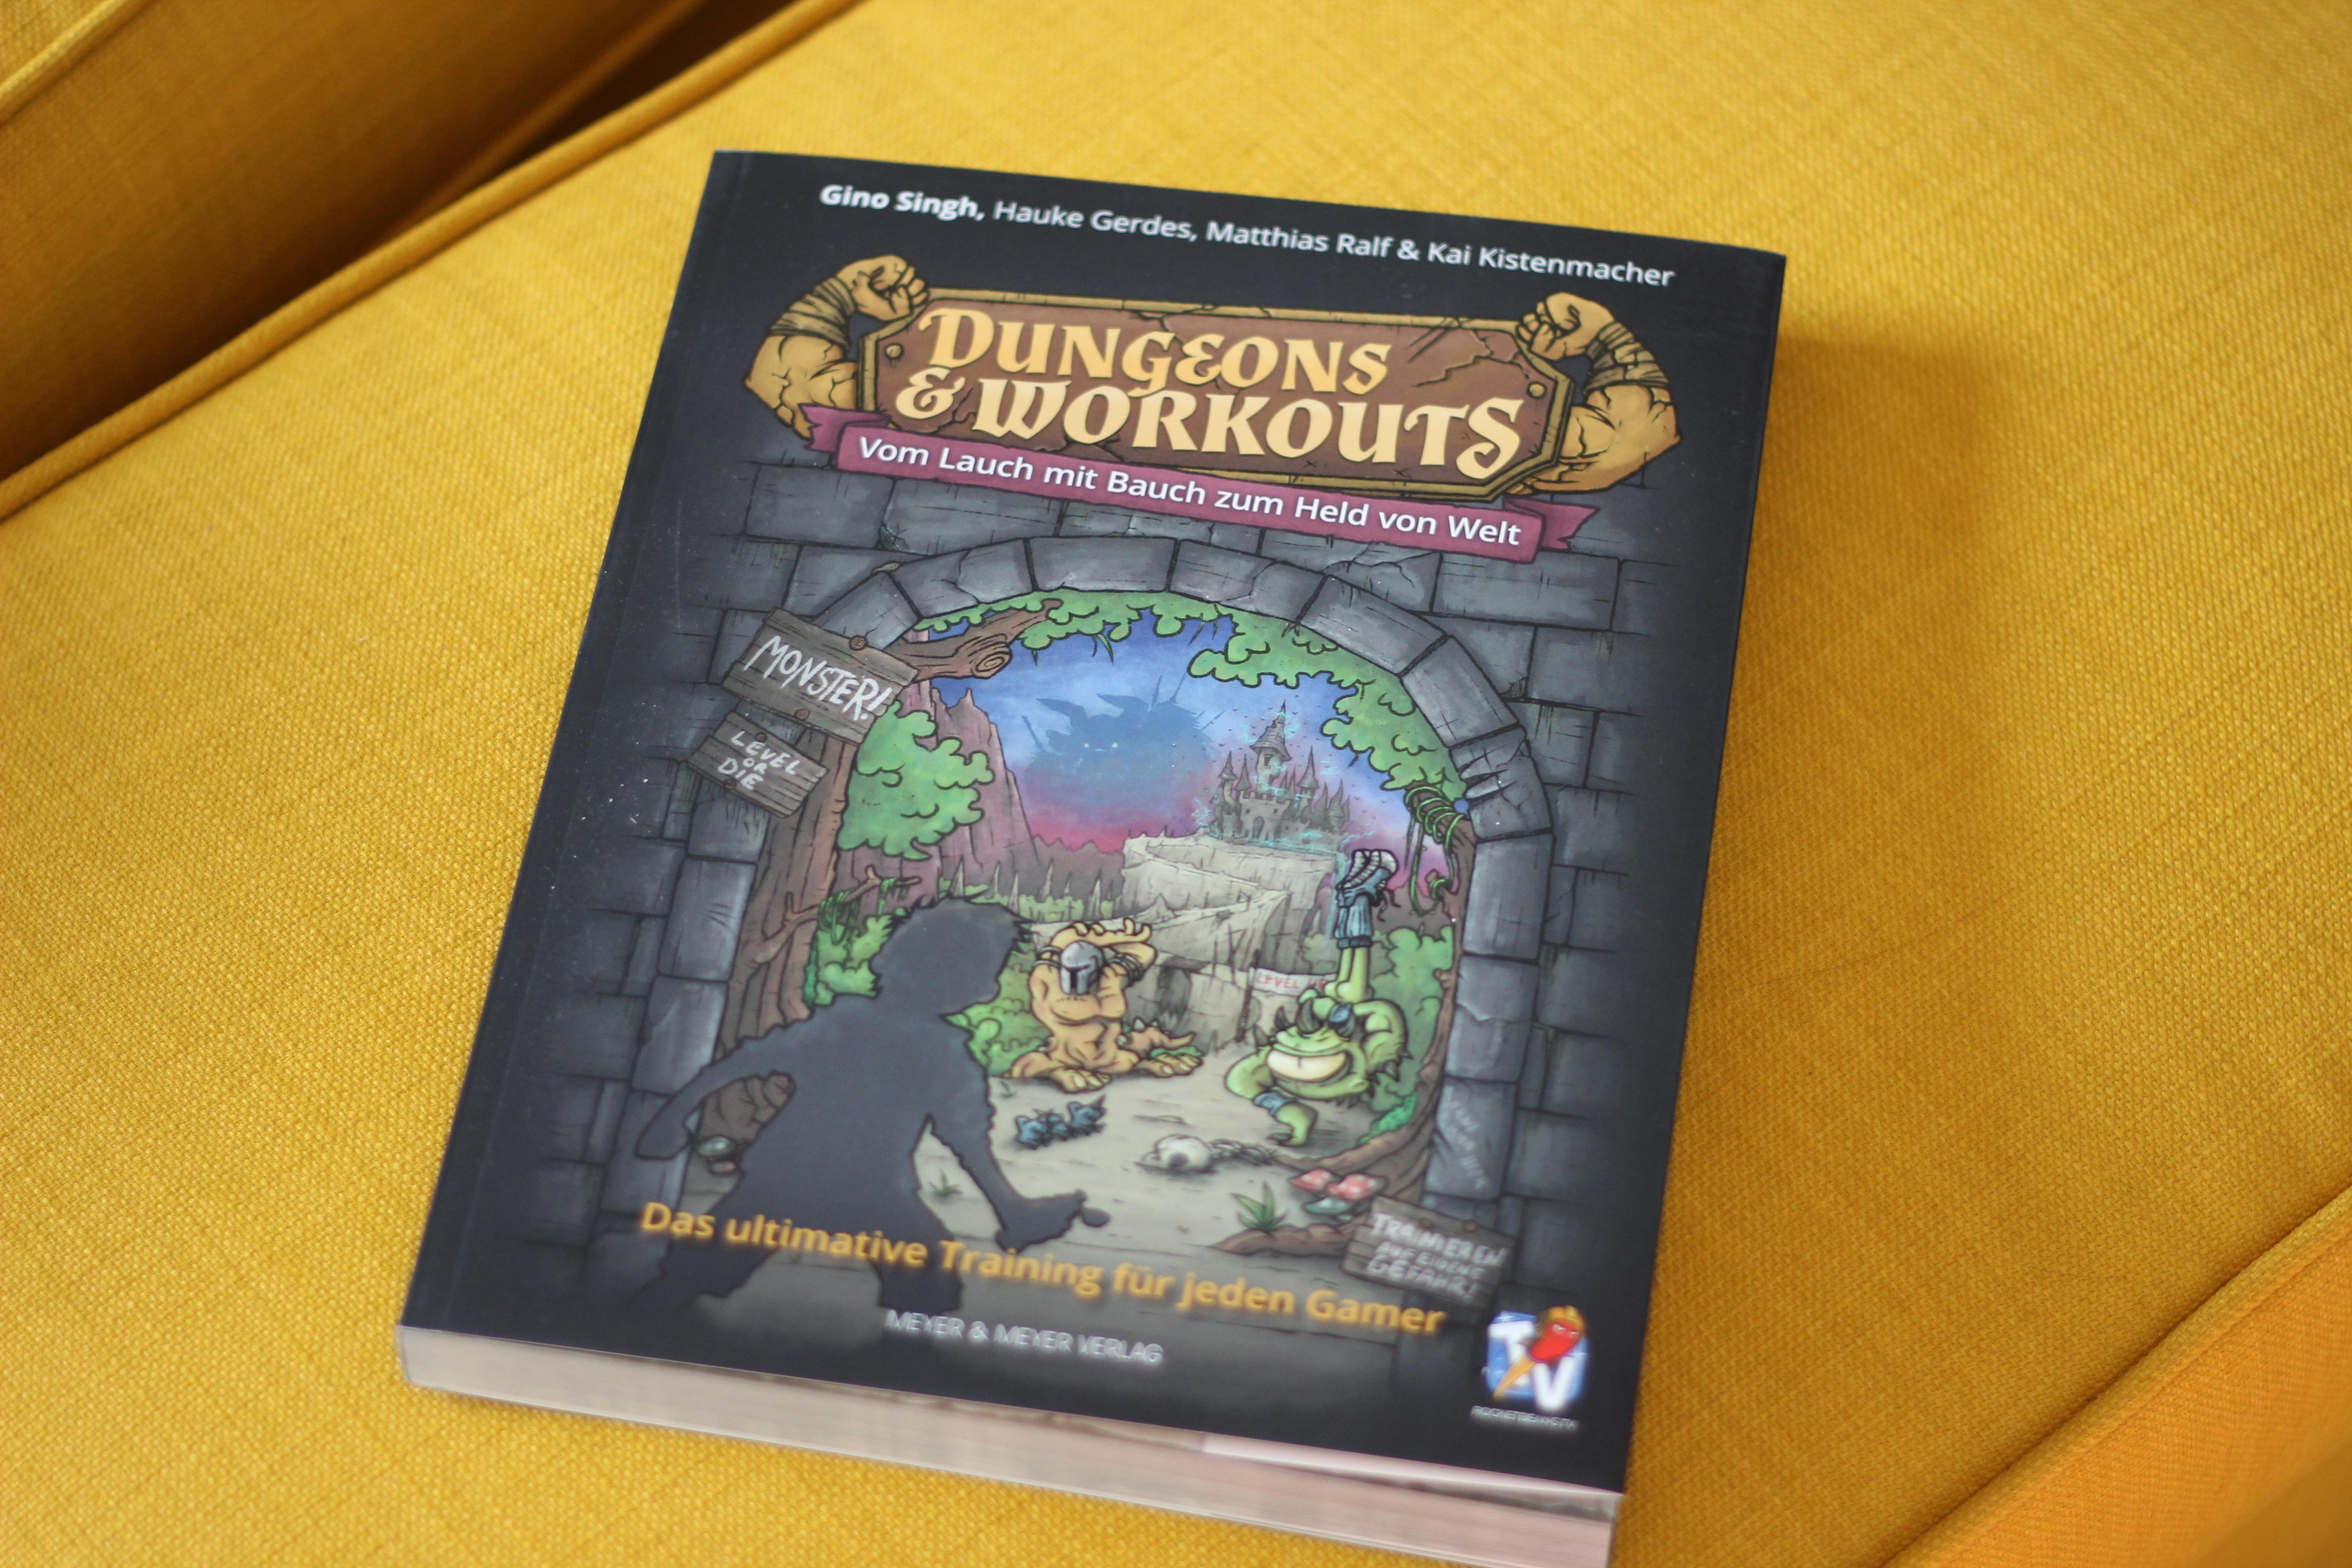 Dungeons and Workouts – Von Lauch mit Bauch zum Held von Welt